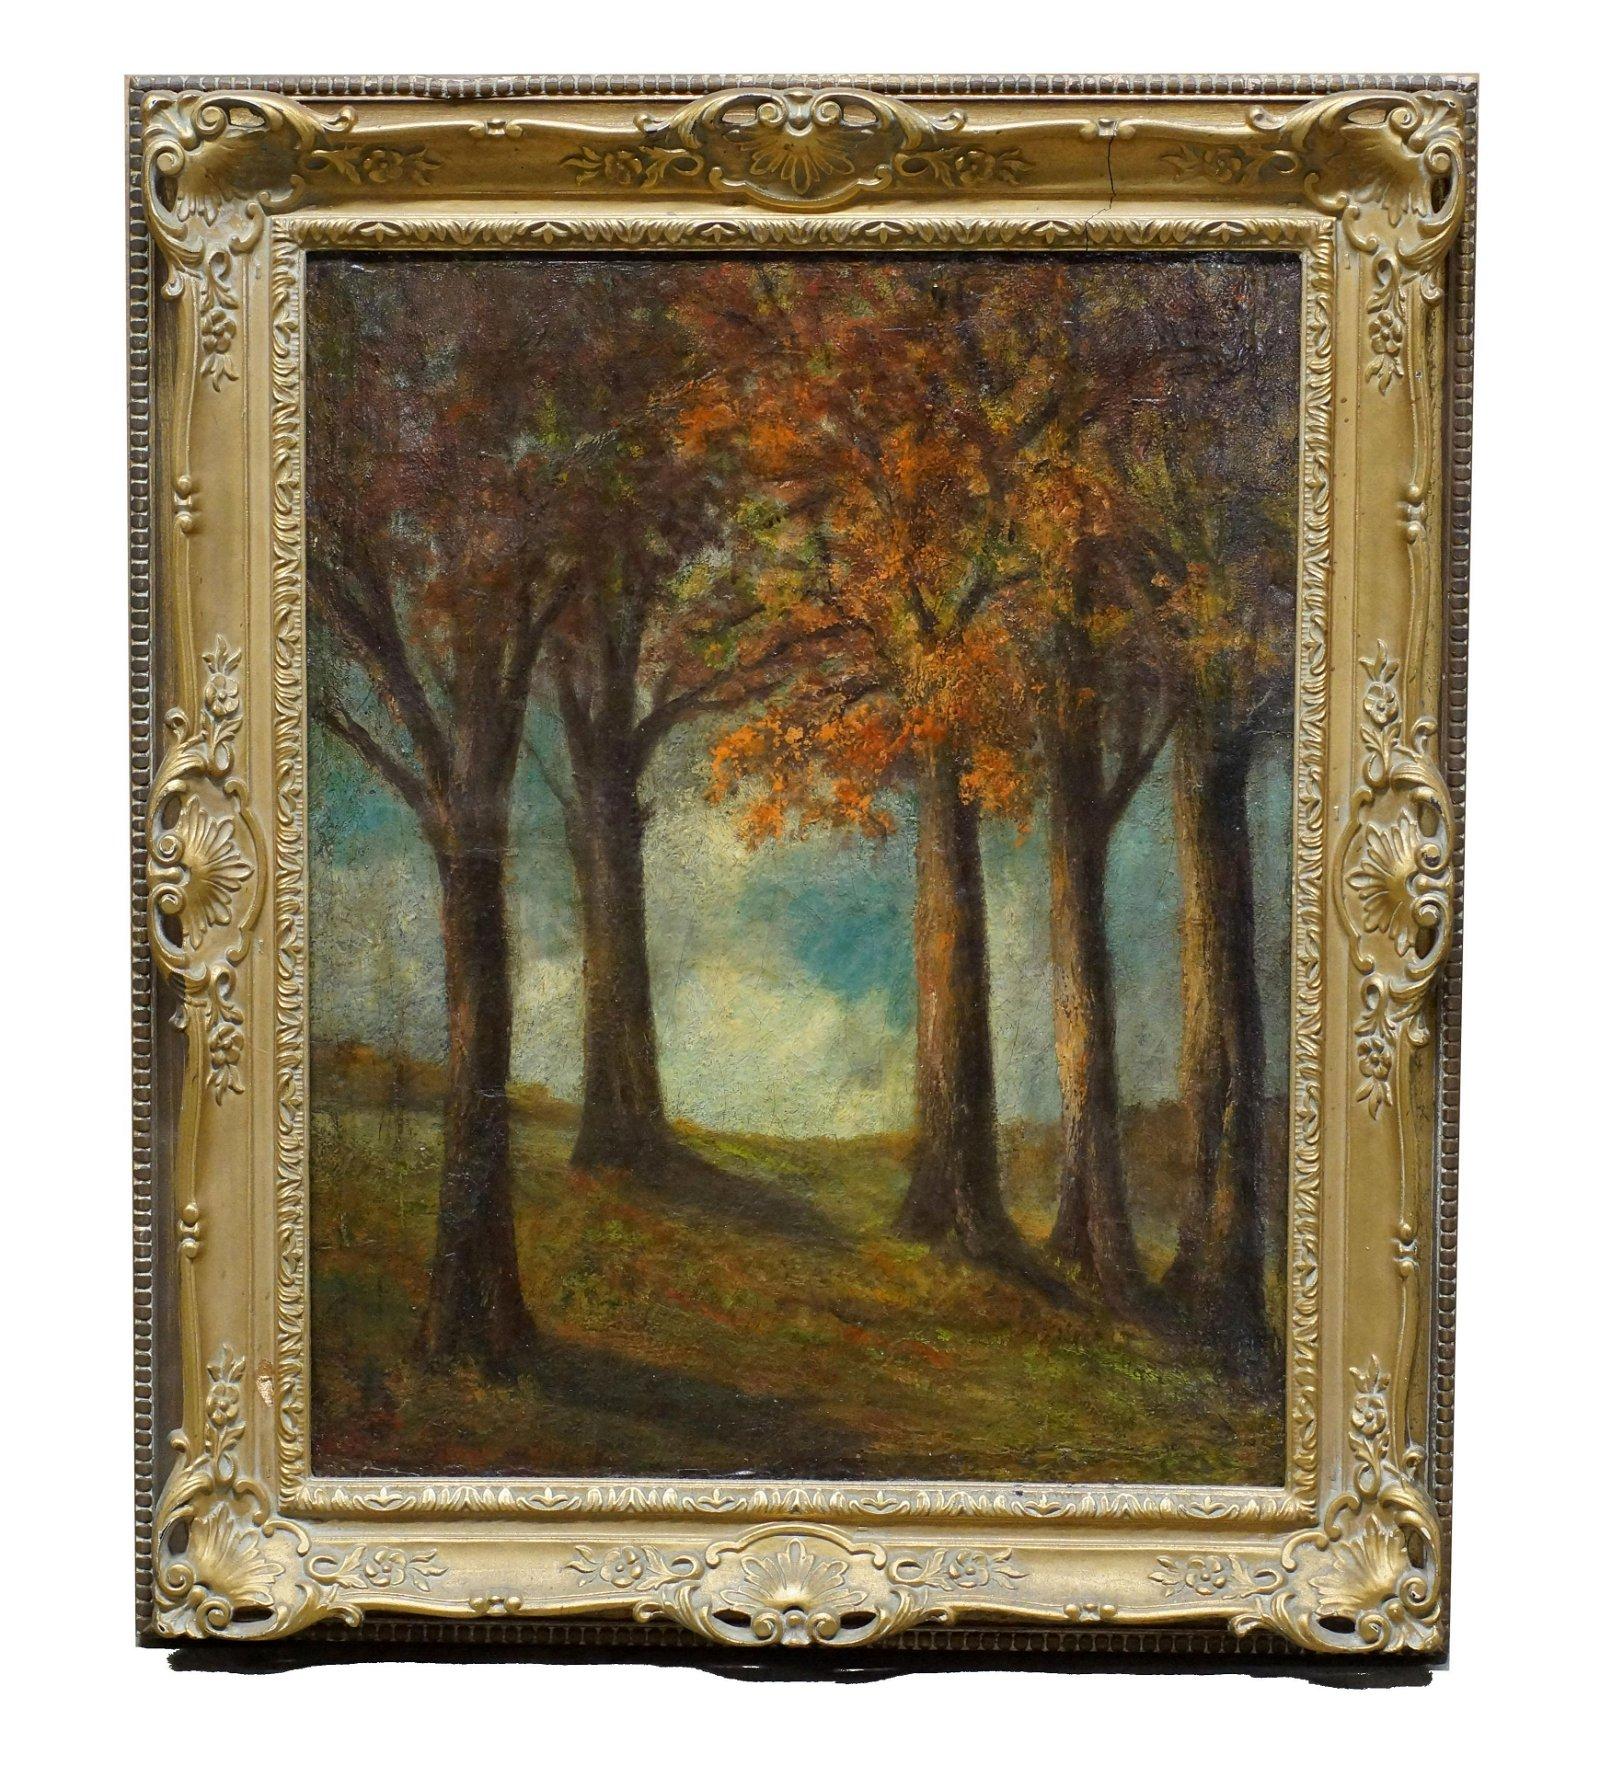 Antique Landscape Painting Oil on Canvas